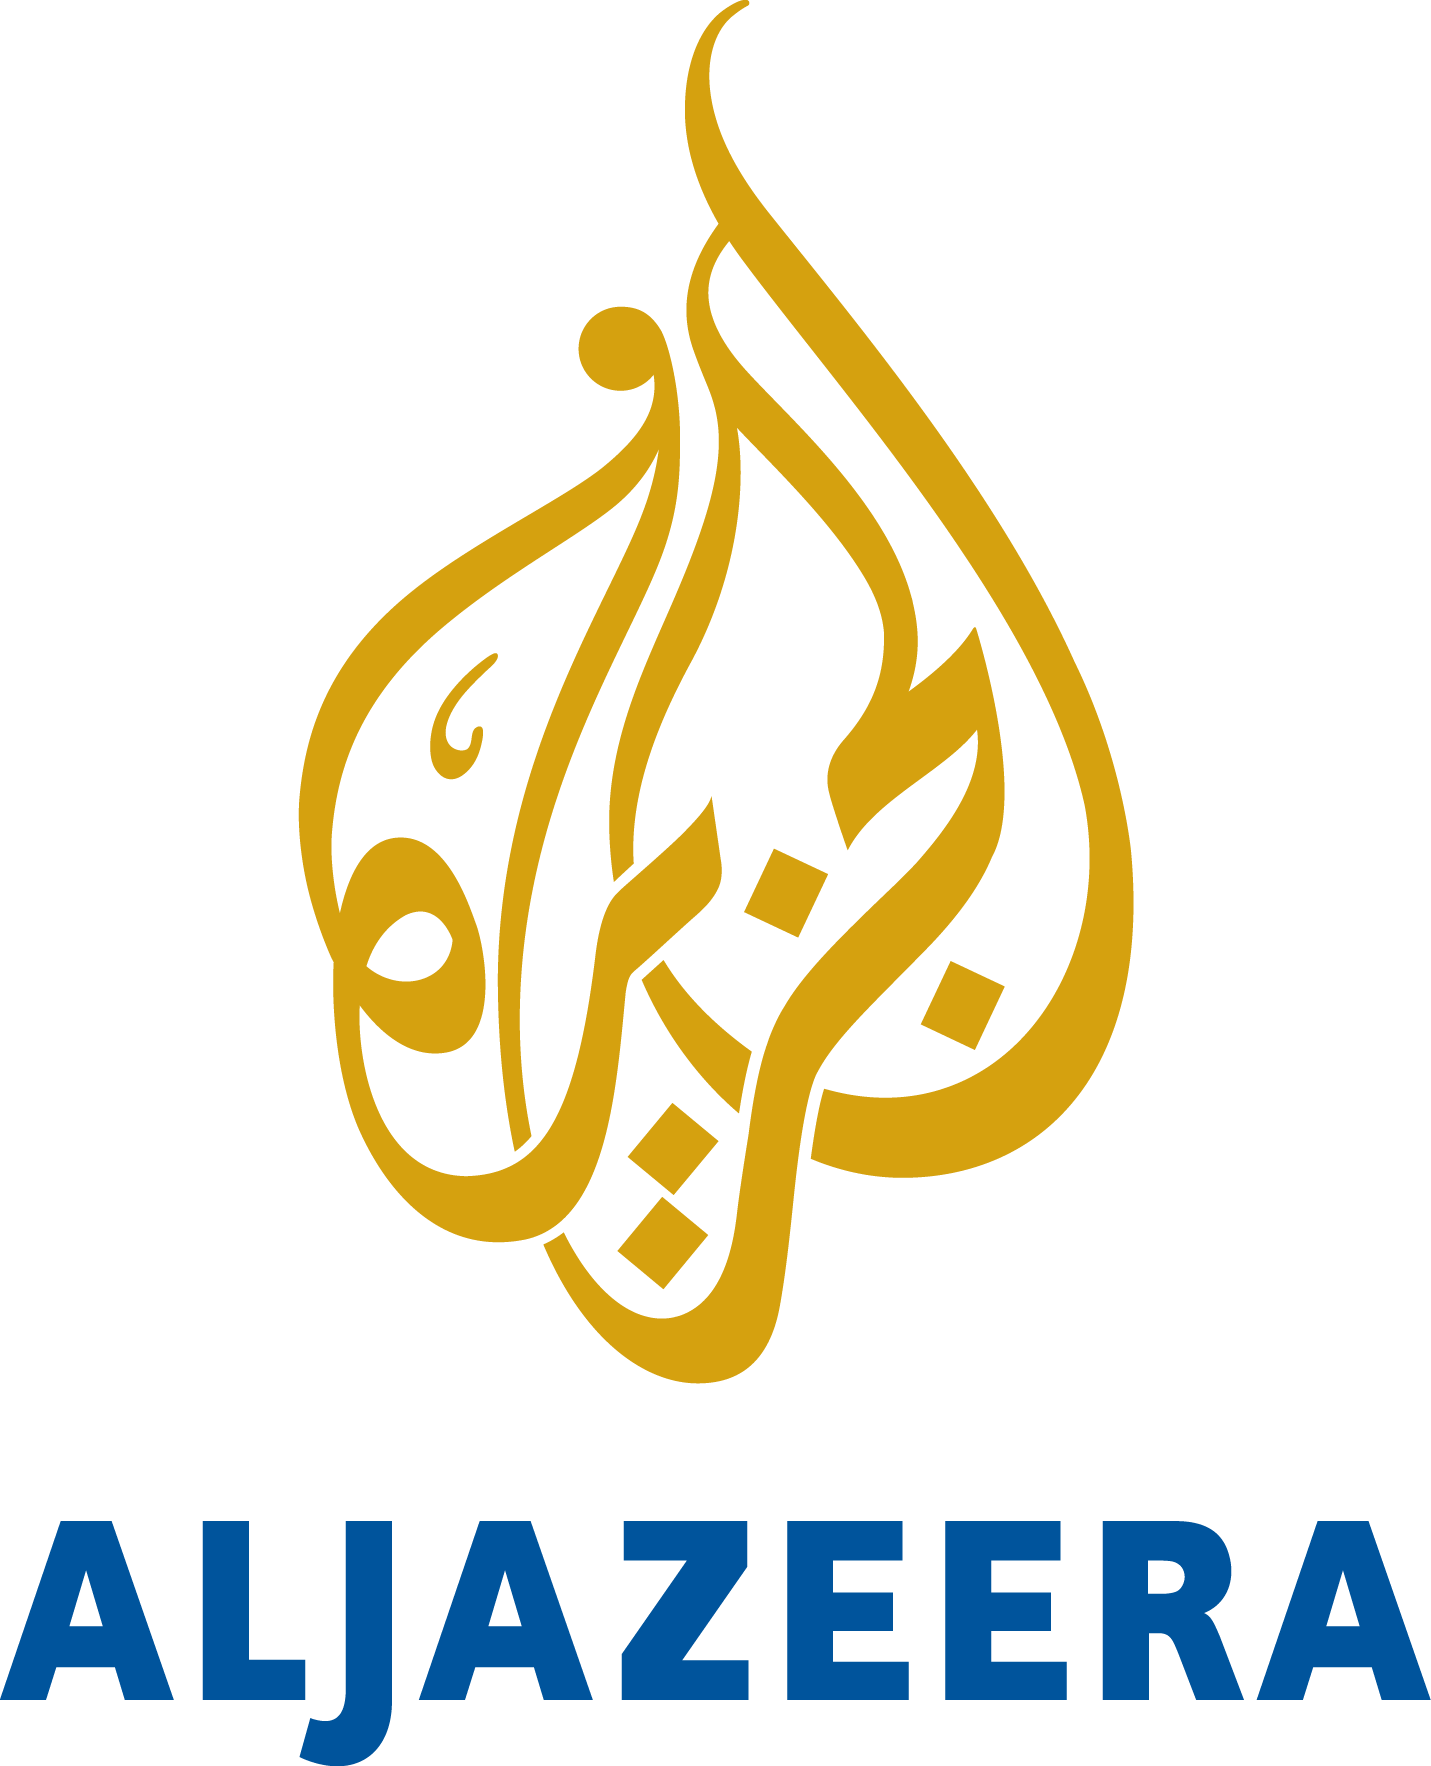 al-jazeera-logo - Al Jazeera Television PNG